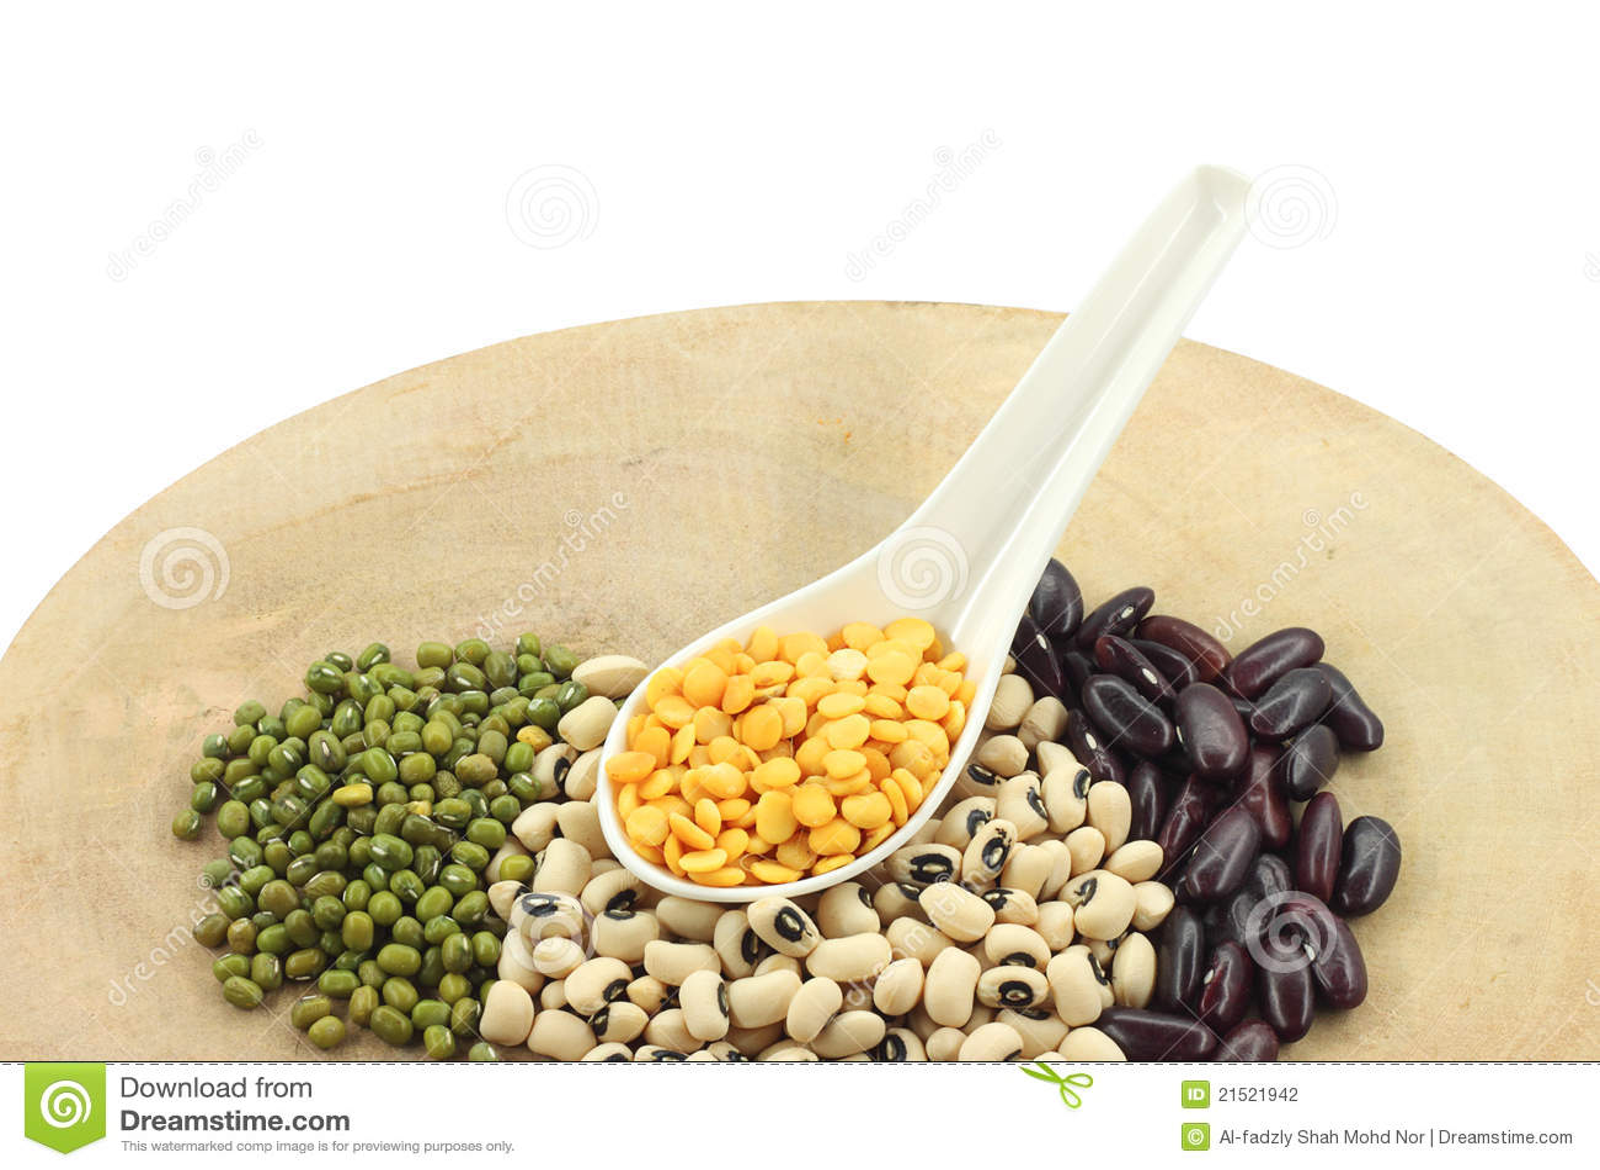 豆类捞出多种白色